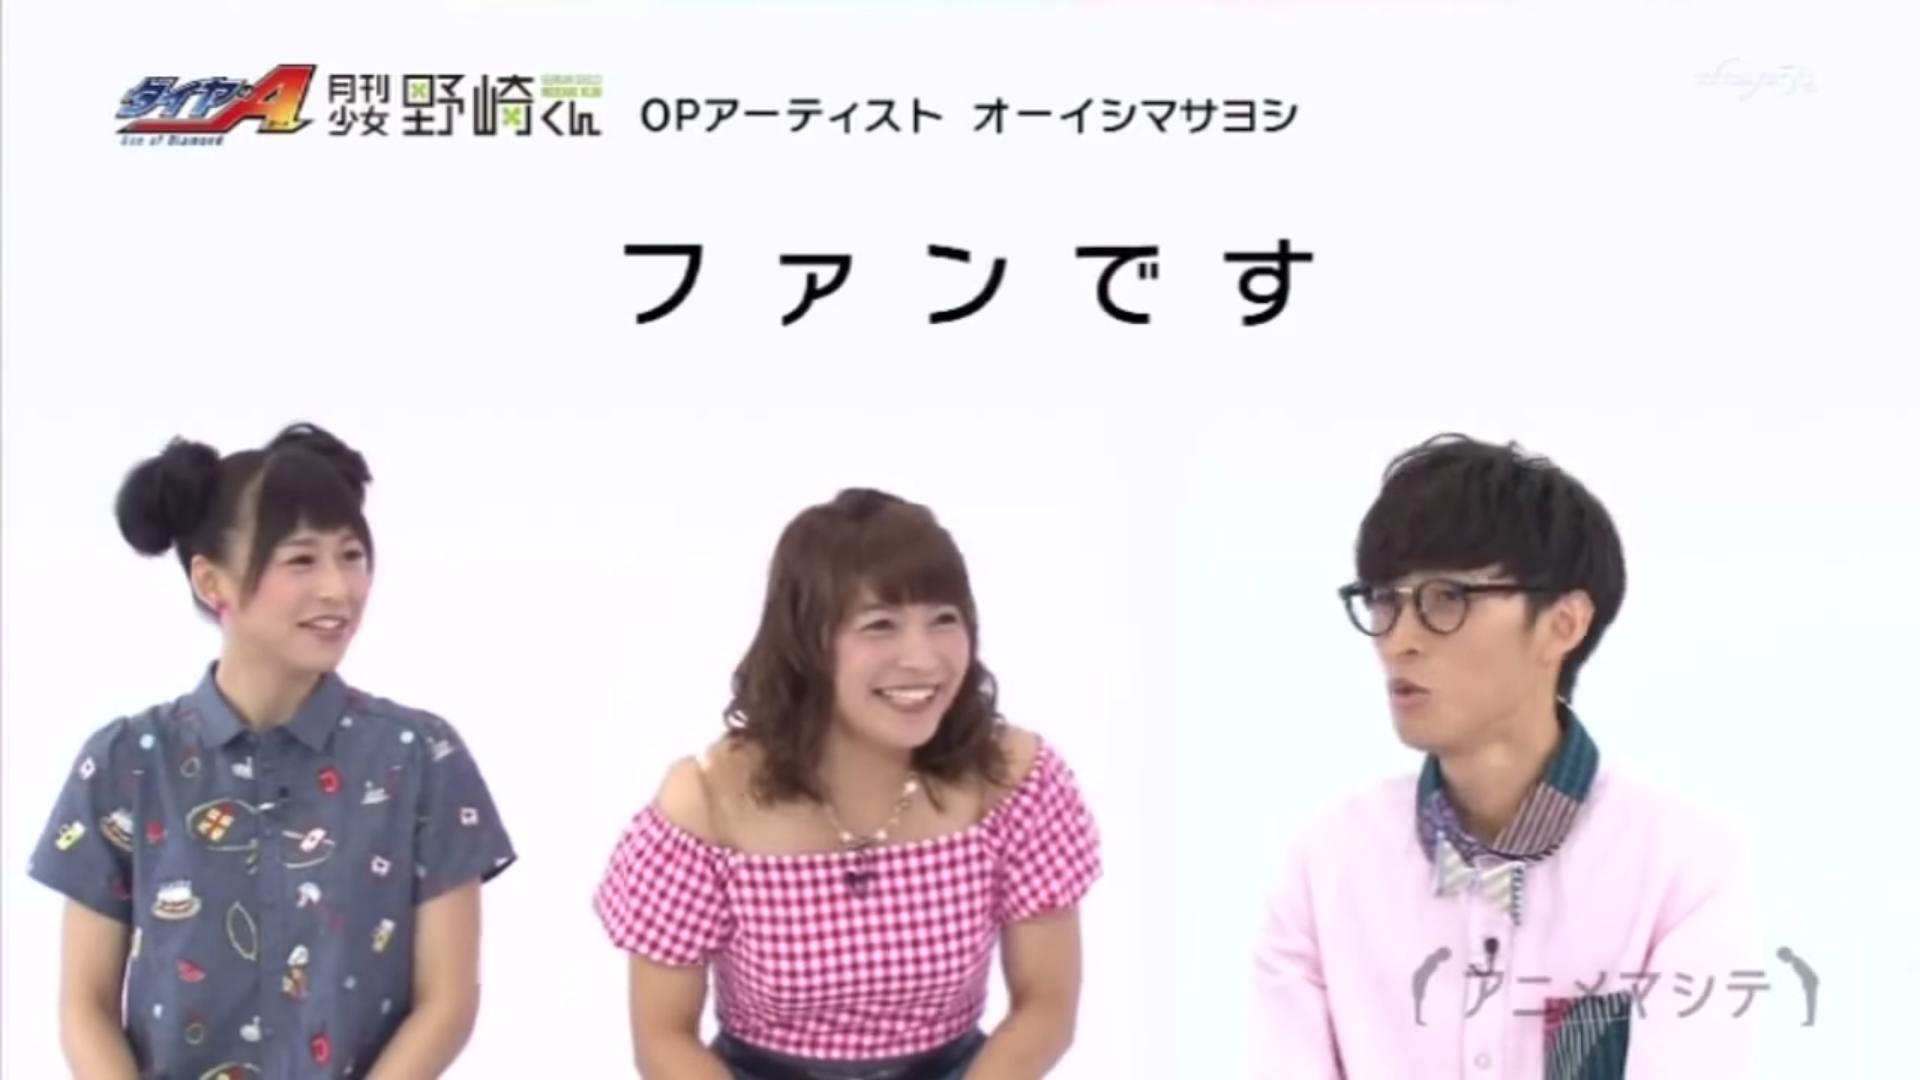 닛타 에미가 좋아하는 가수